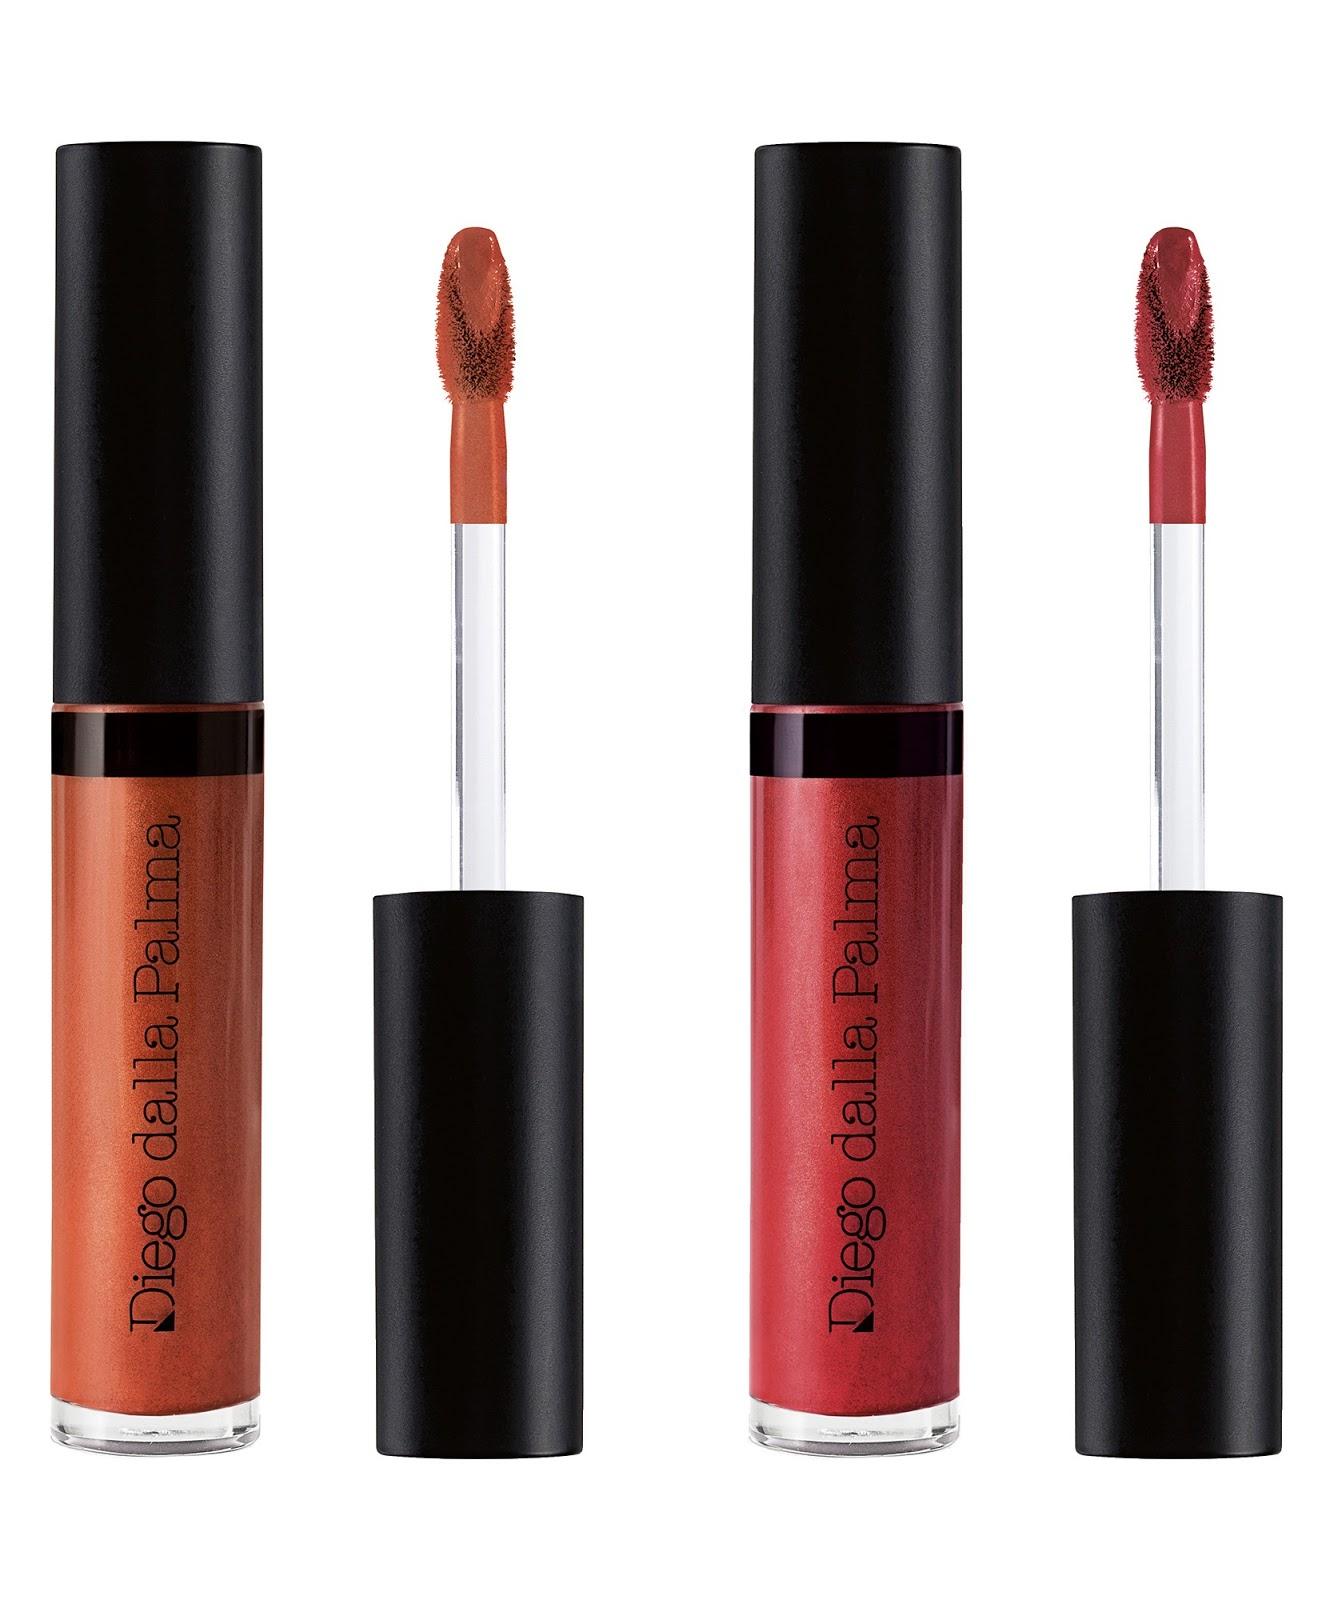 diego-dalla-palma-collezione-cruise-2018-metal-geisha-metallic-liquid-lipstick